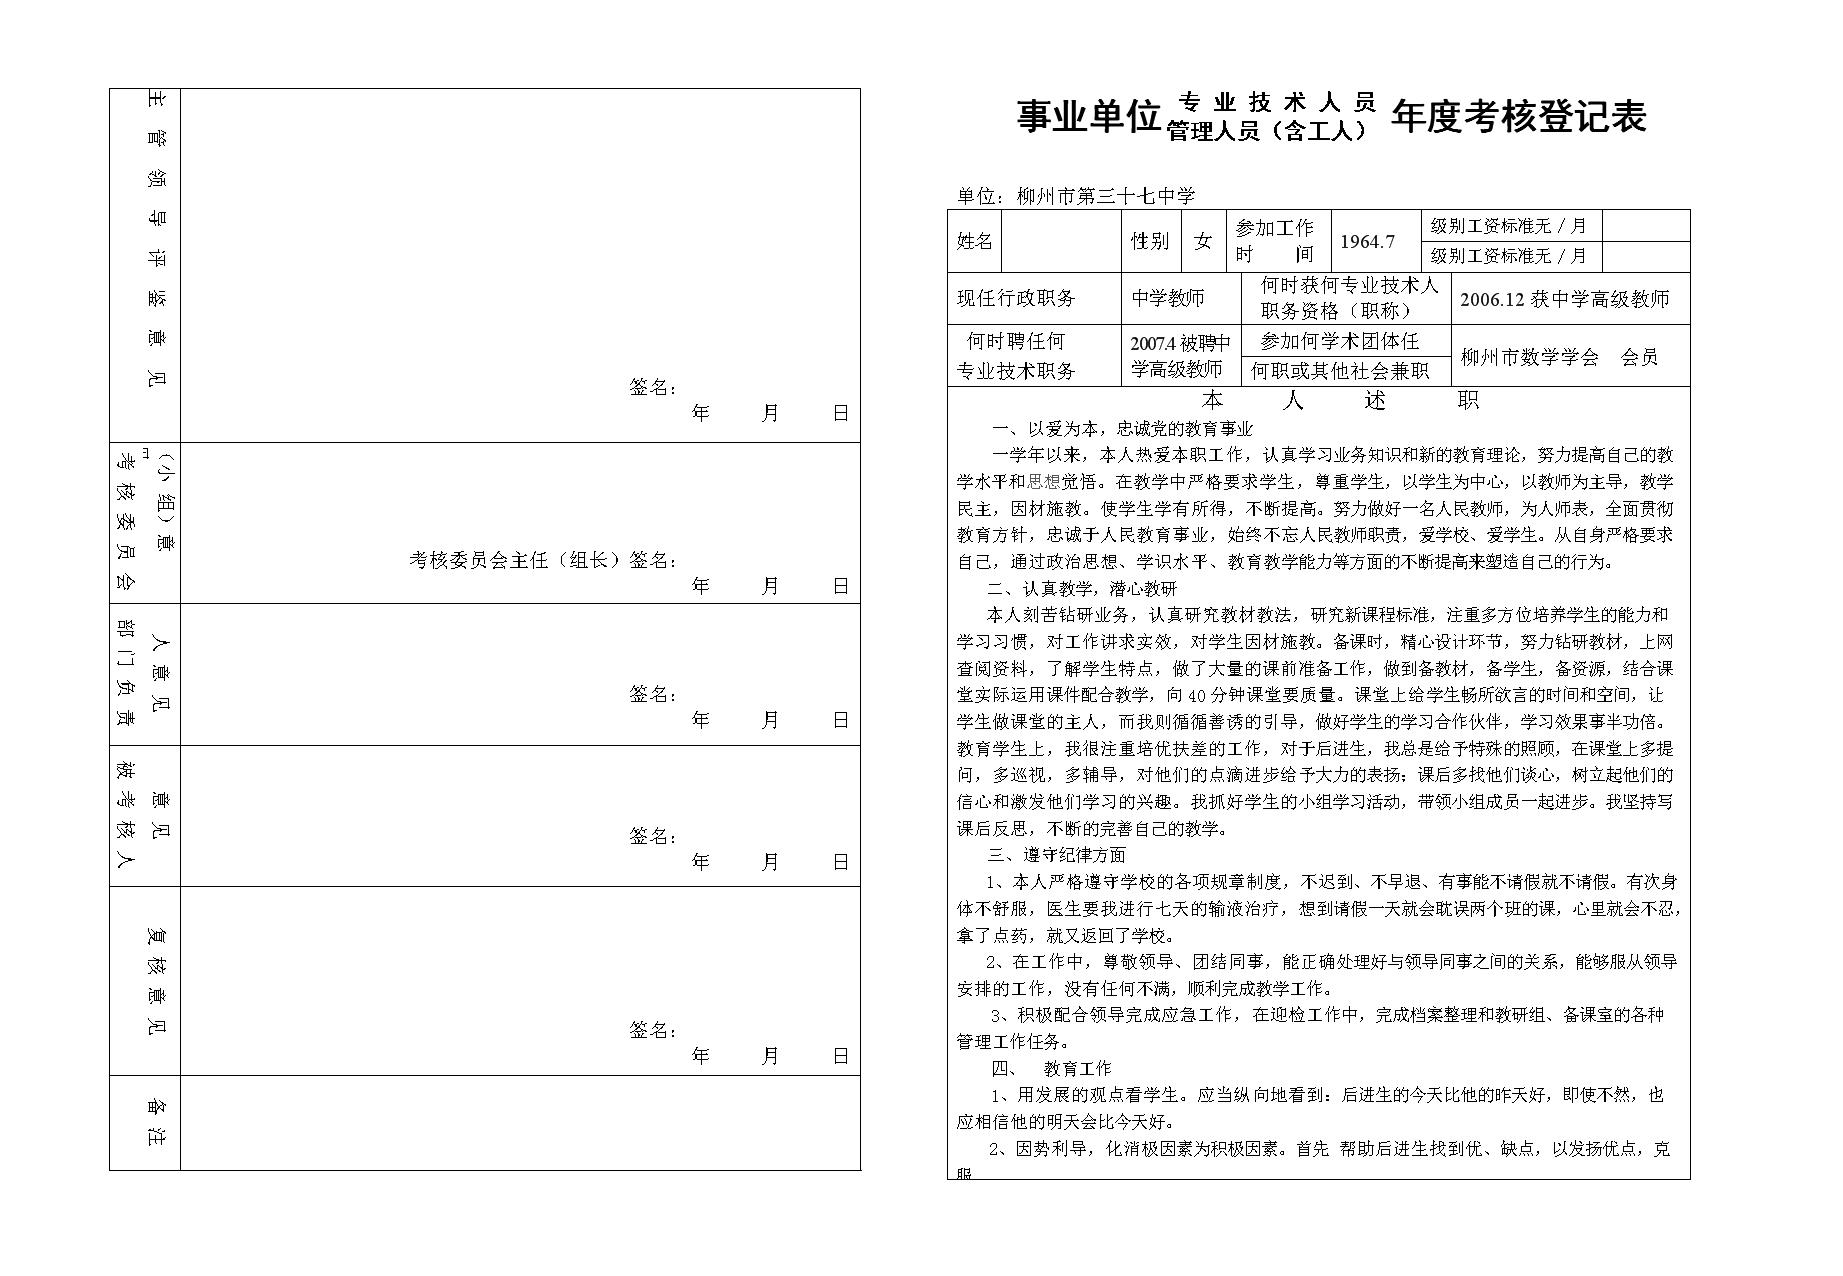 公务员年度考核登记表个人总结怎么写